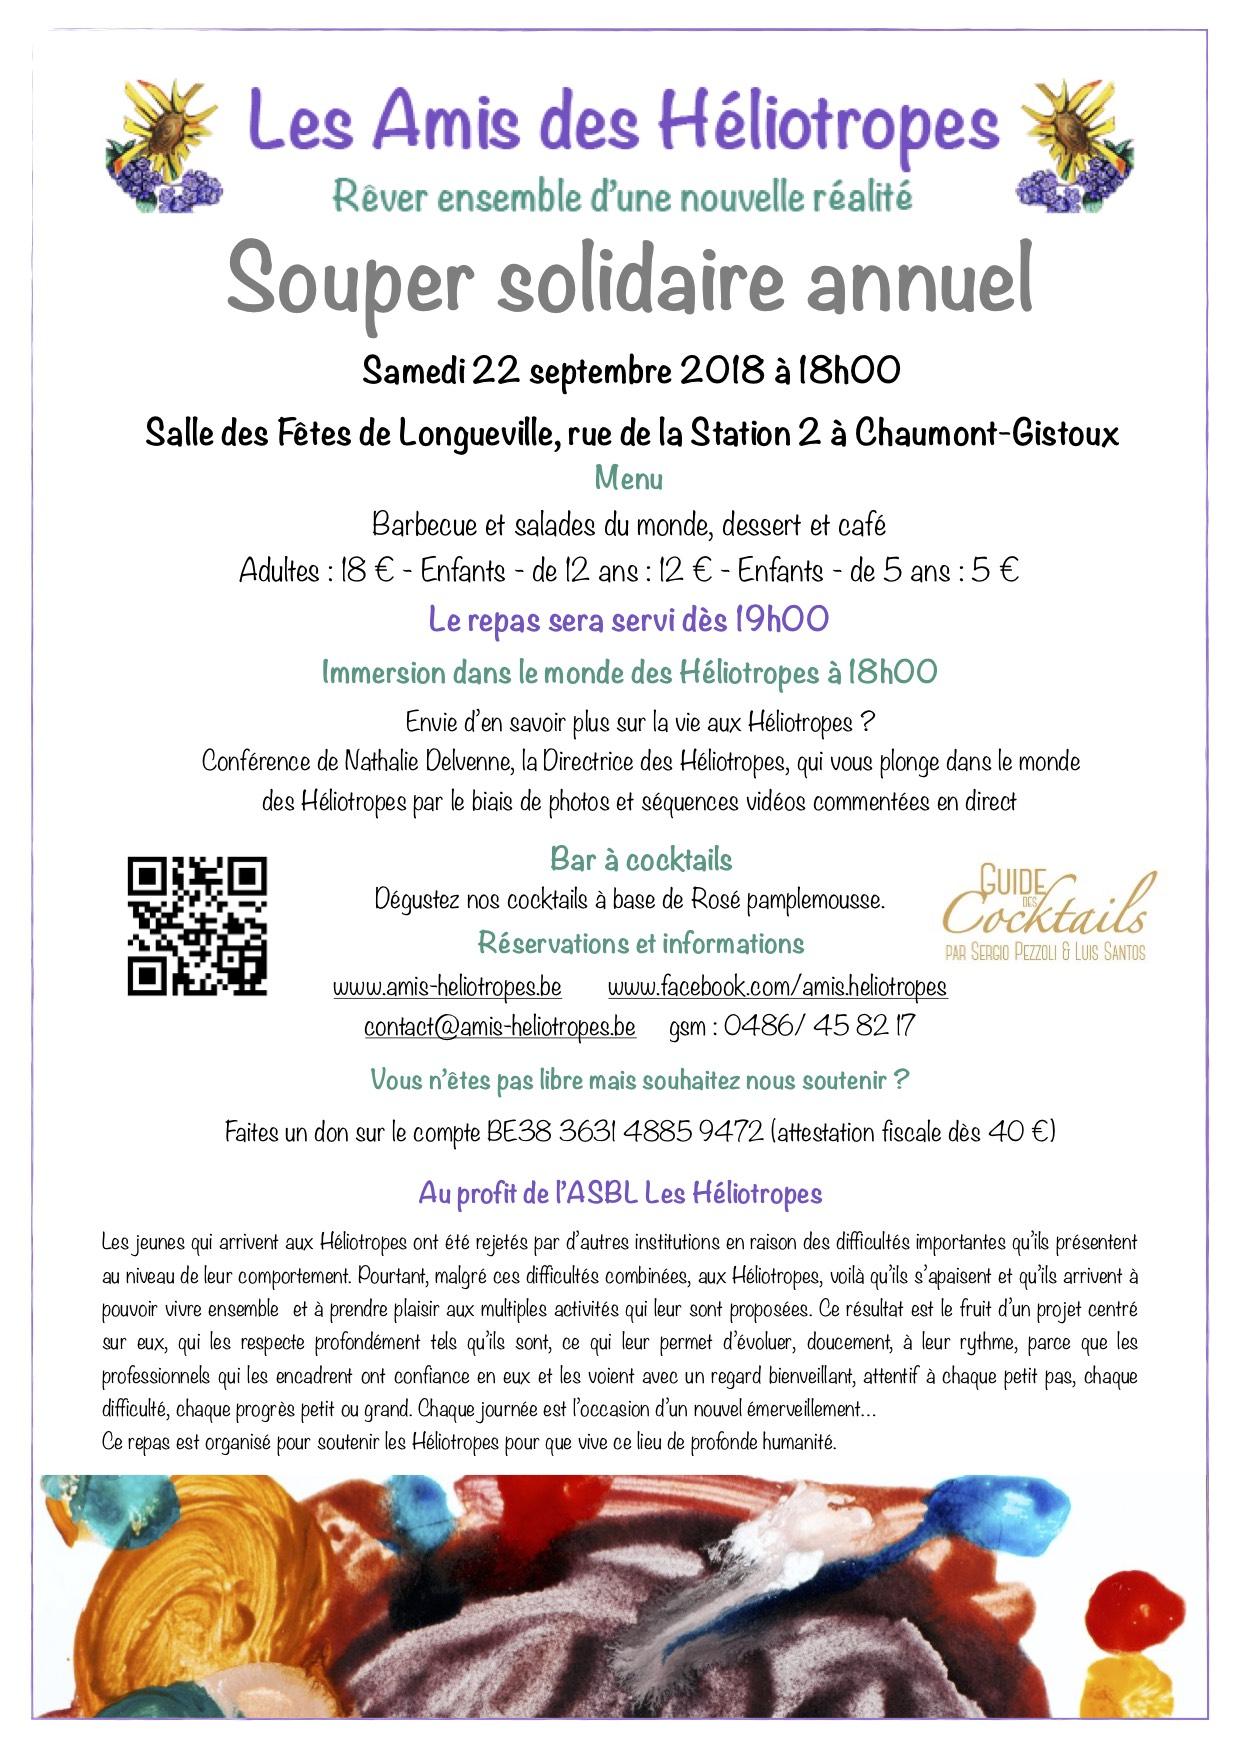 Souper annuel solidaire des Amis des Héliotropes le  22 septembre 2018